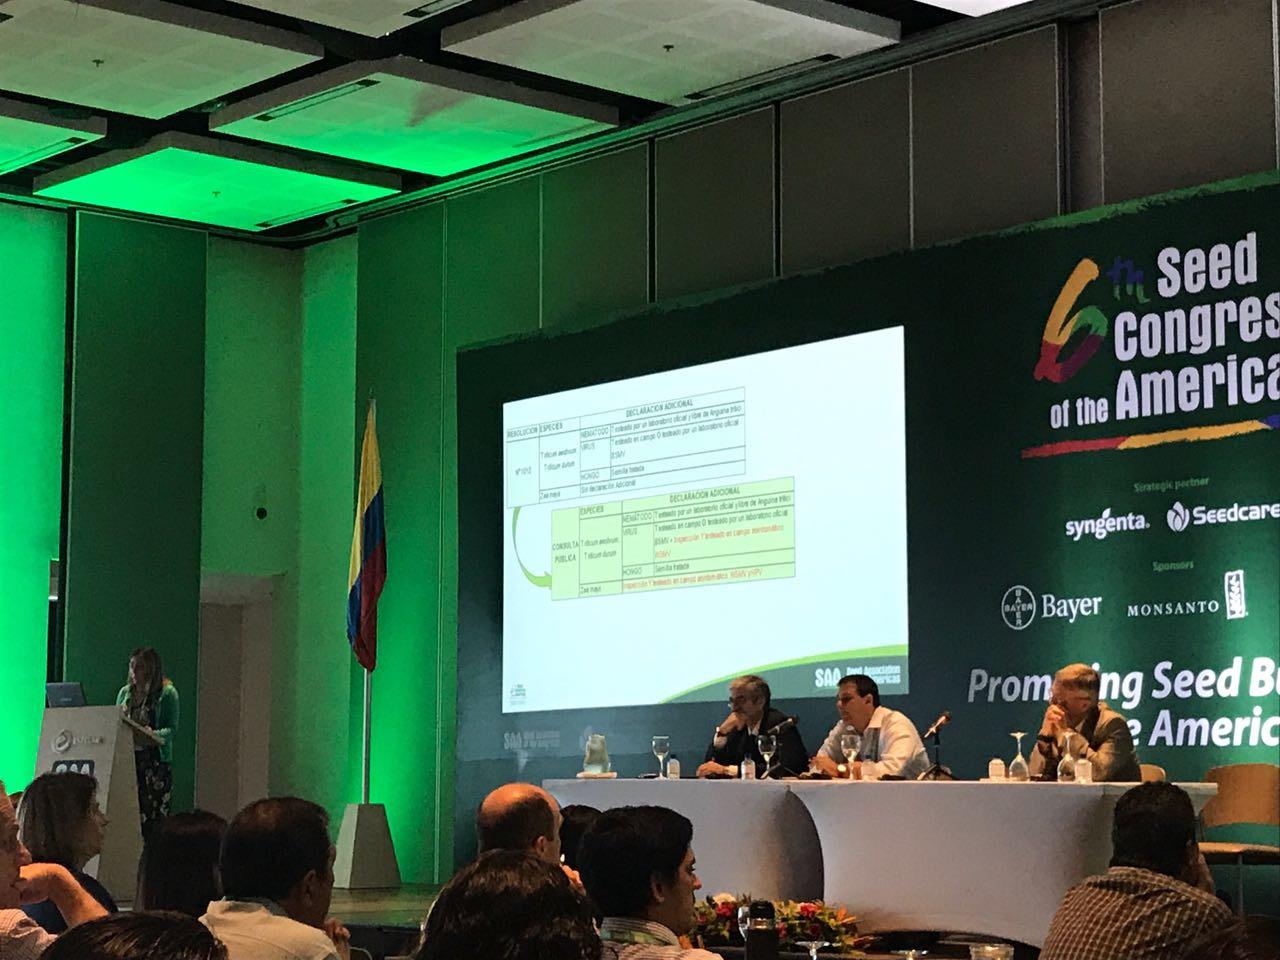 Jefa Técnica de ANPROS expone en Congreso de la SAA en Cartagena de Indias